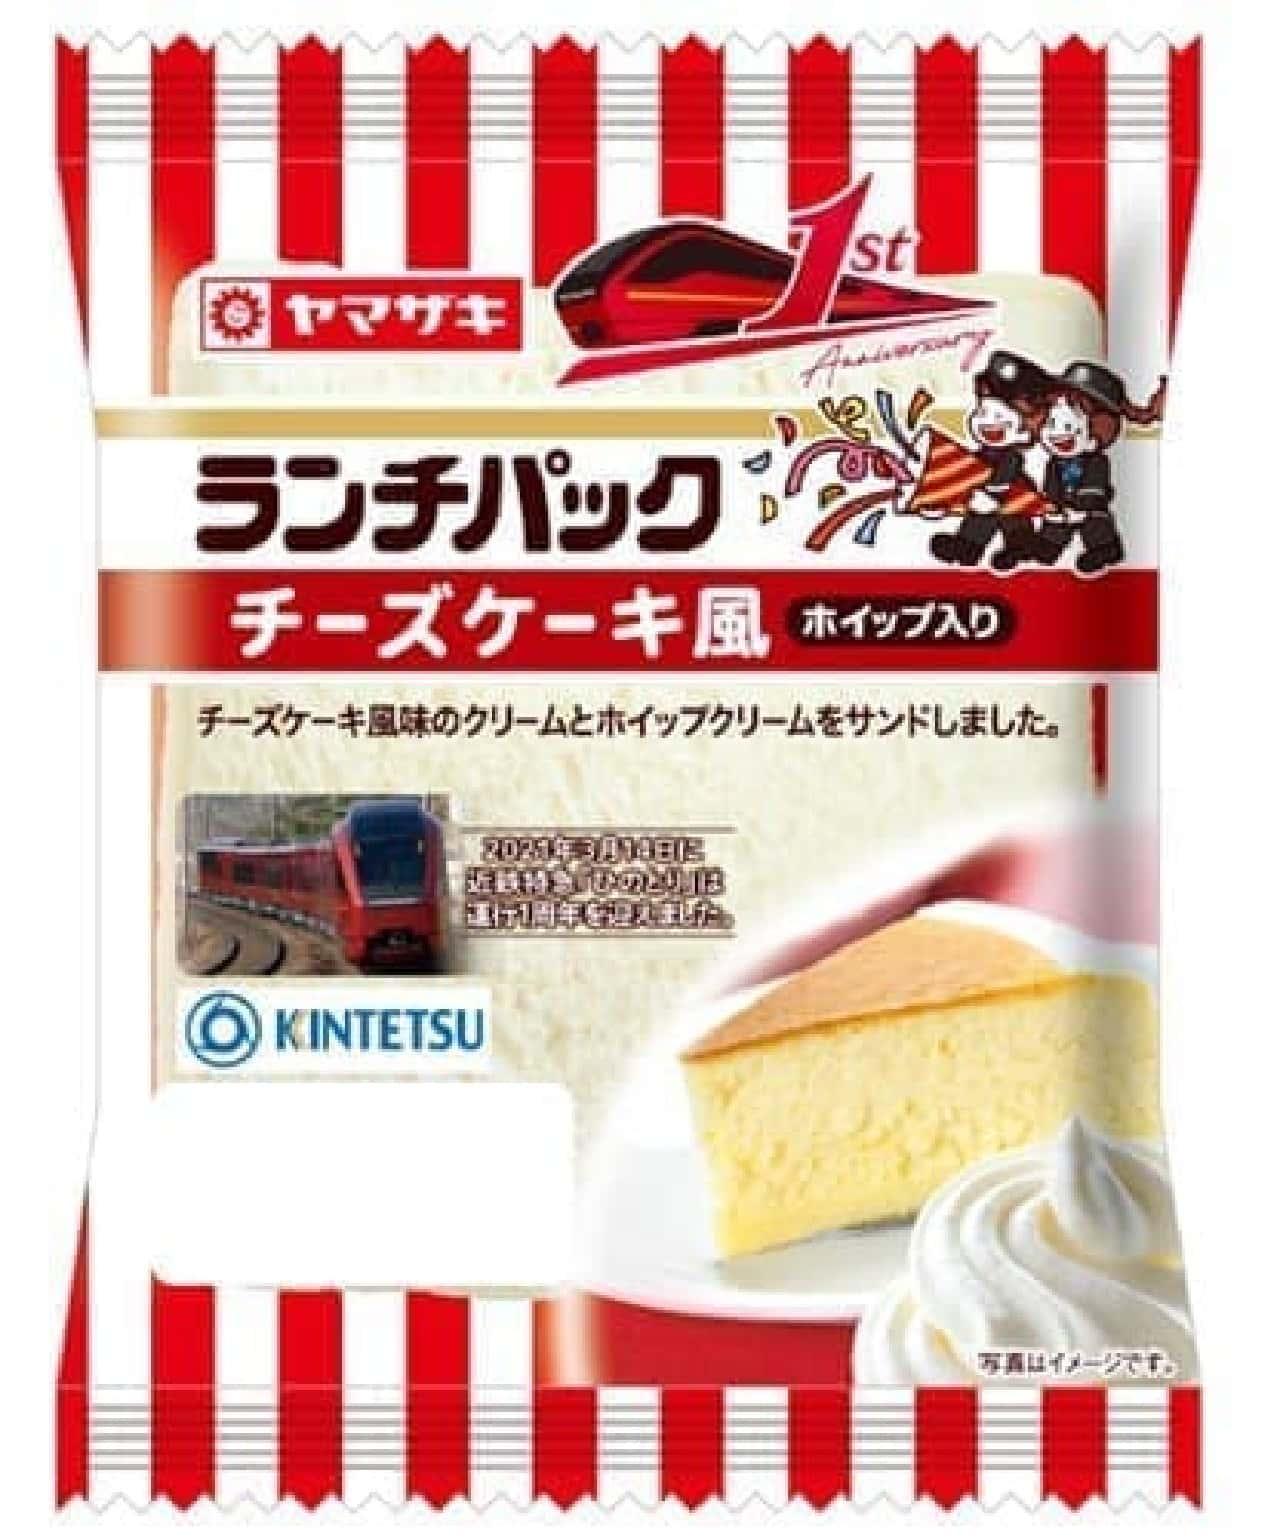 ヤマザキ「ランチパック チーズケーキ風(ホイップ入り)」